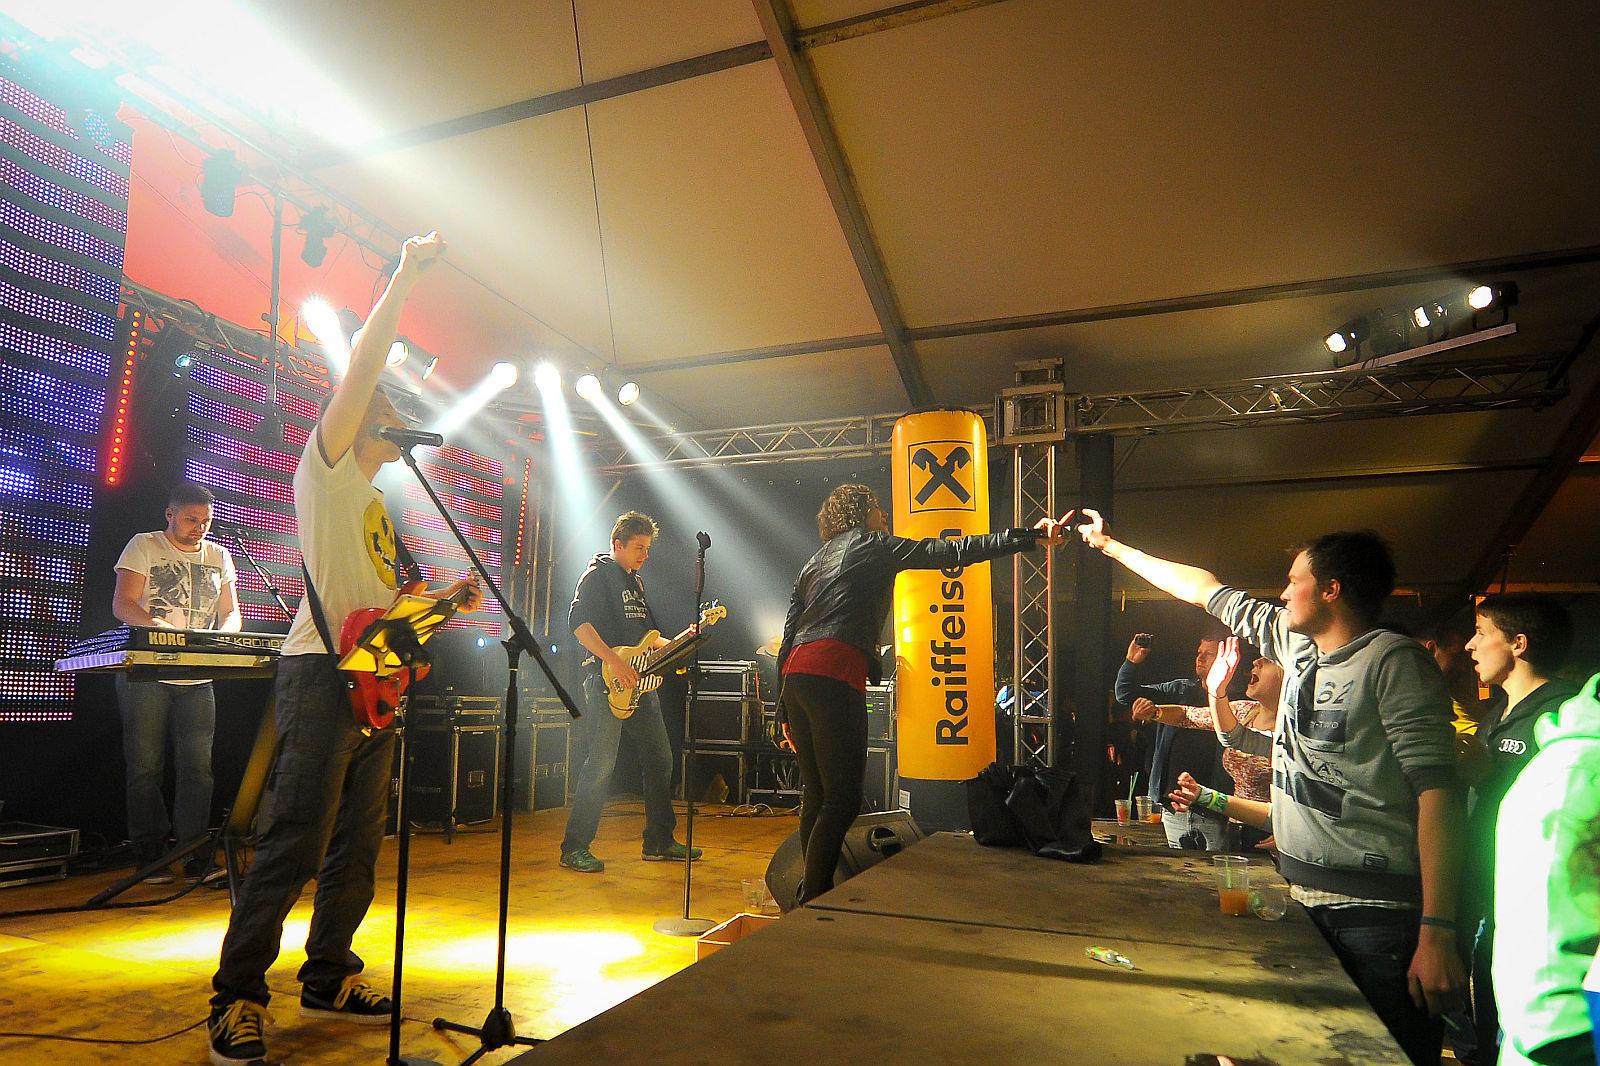 Eine Band direkt oder über eine Musikagentur / Eventagentur buchen?